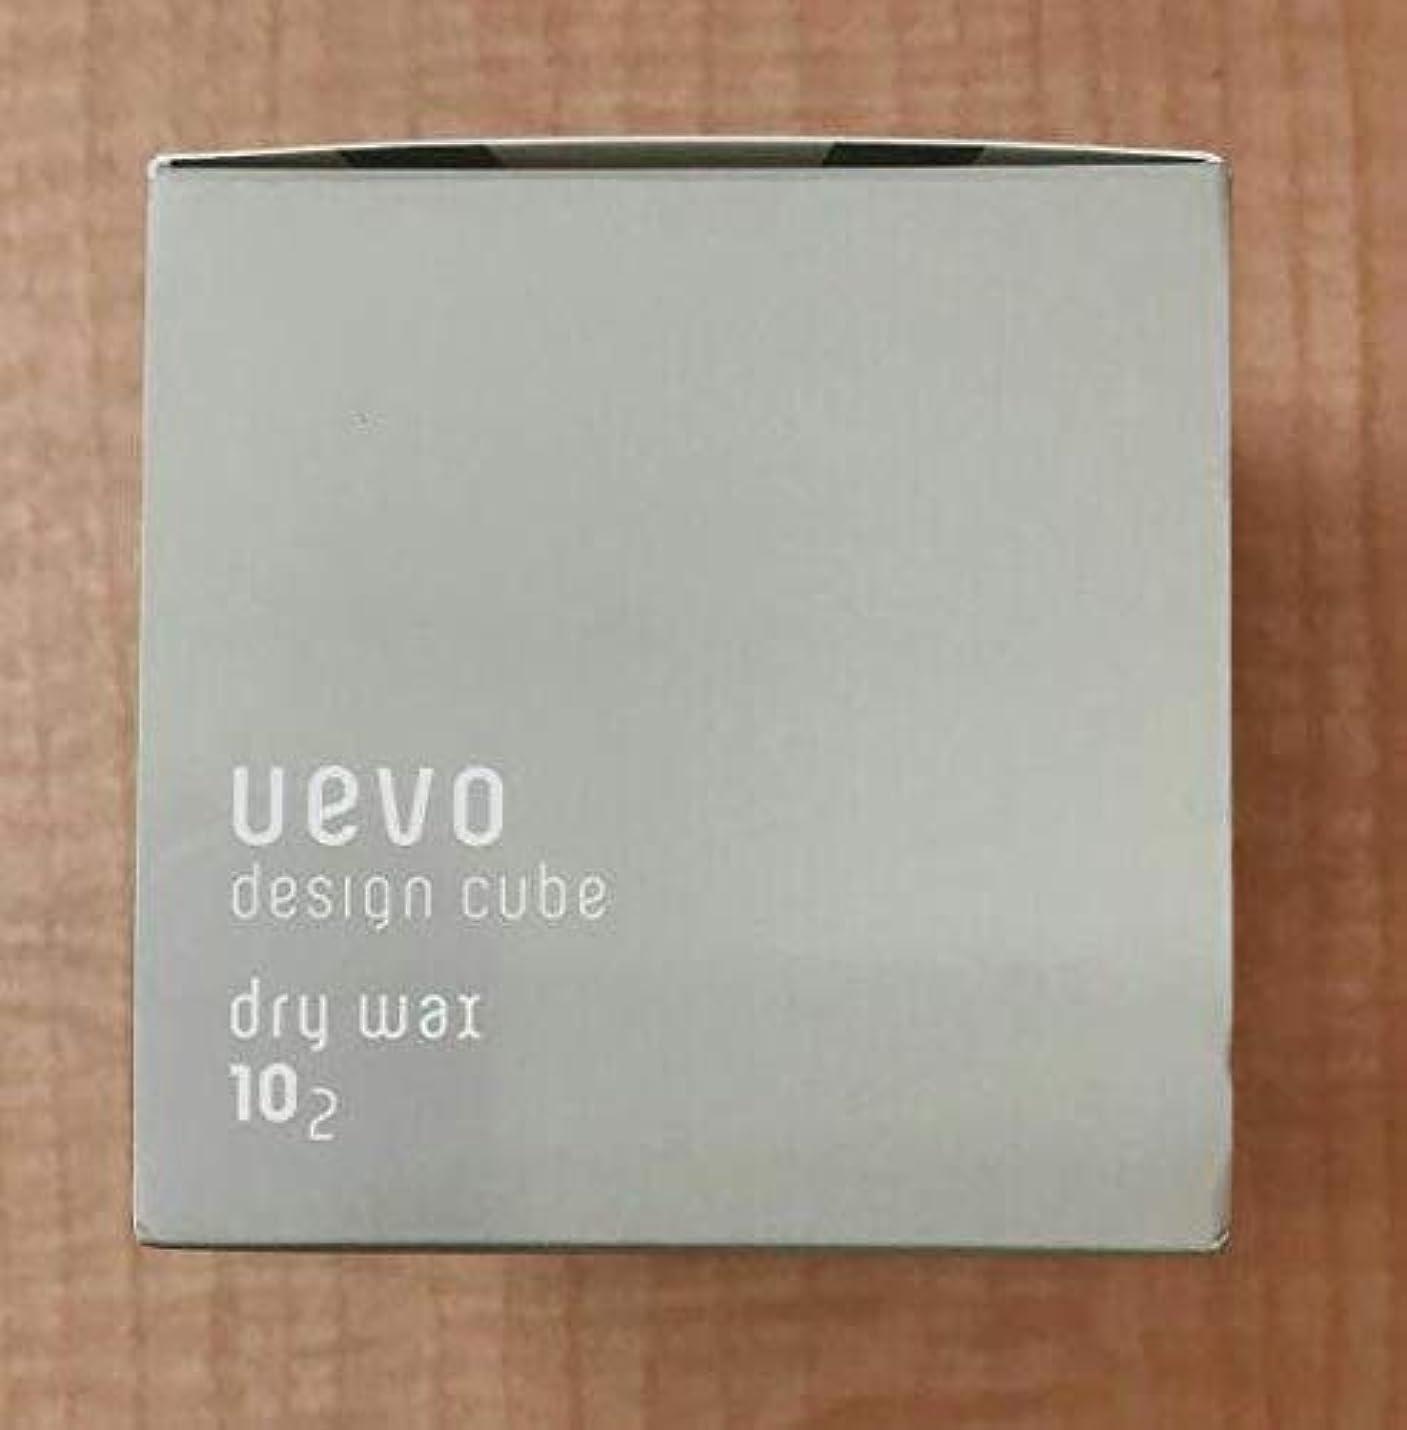 梨アソシエイトひどい【X2個セット】 デミ ウェーボ デザインキューブ ドライワックス 80g dry wax